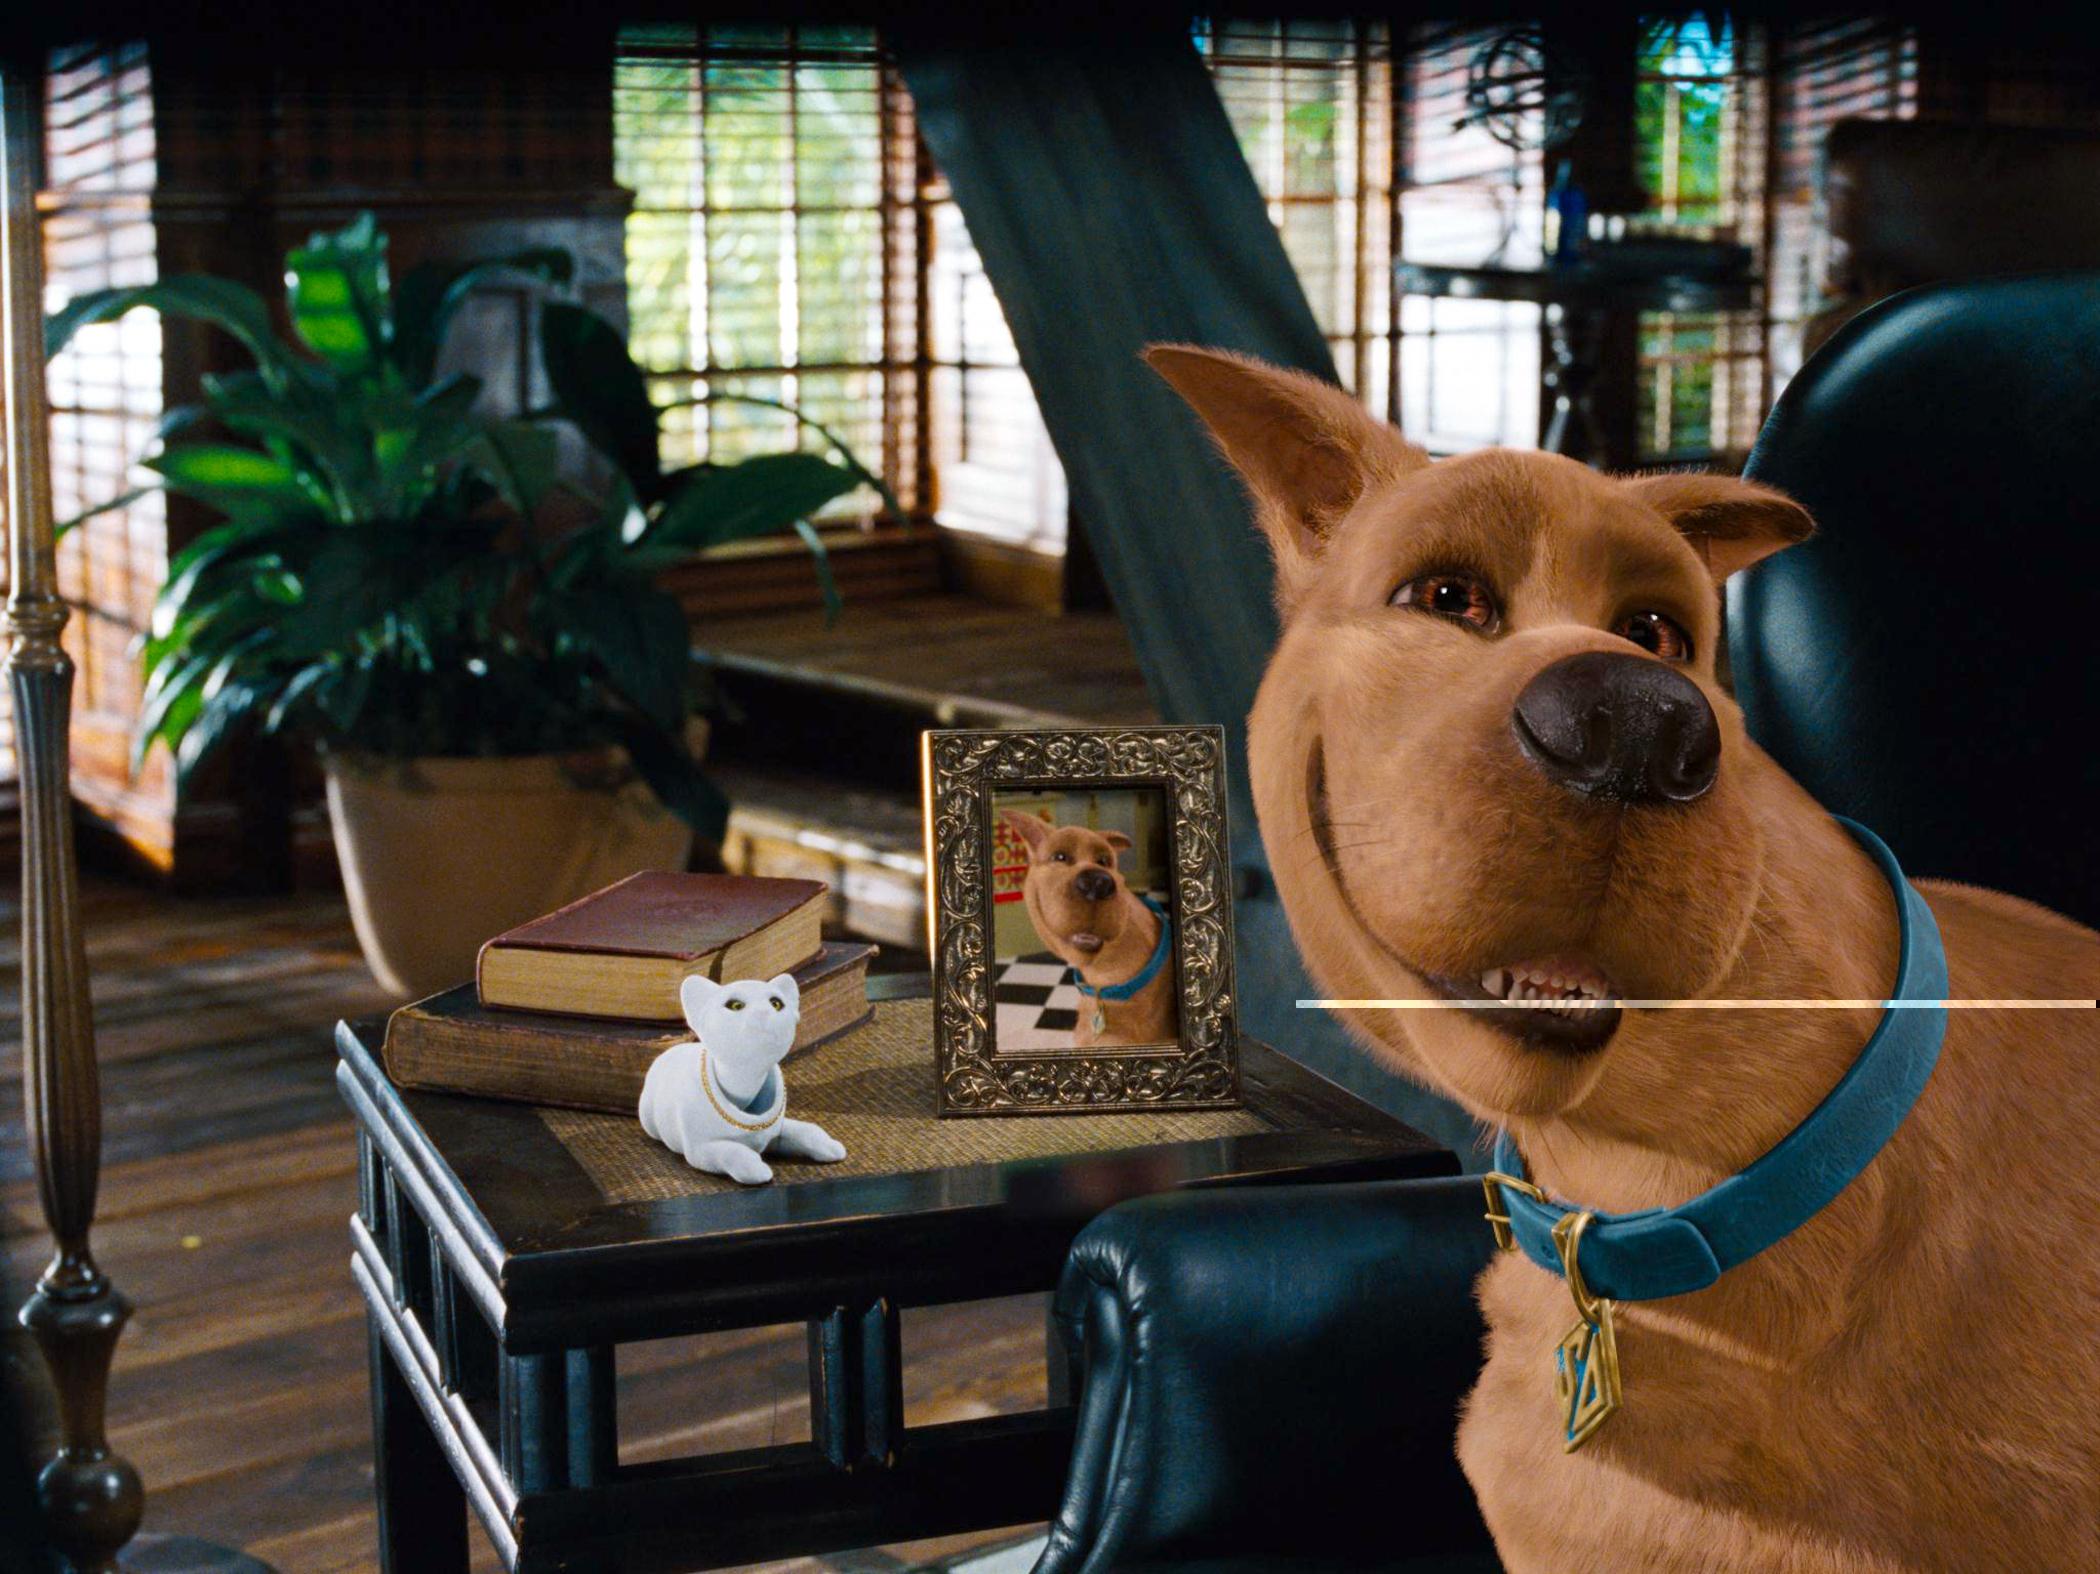 Watch Dog Eat Dog Movie Online Free